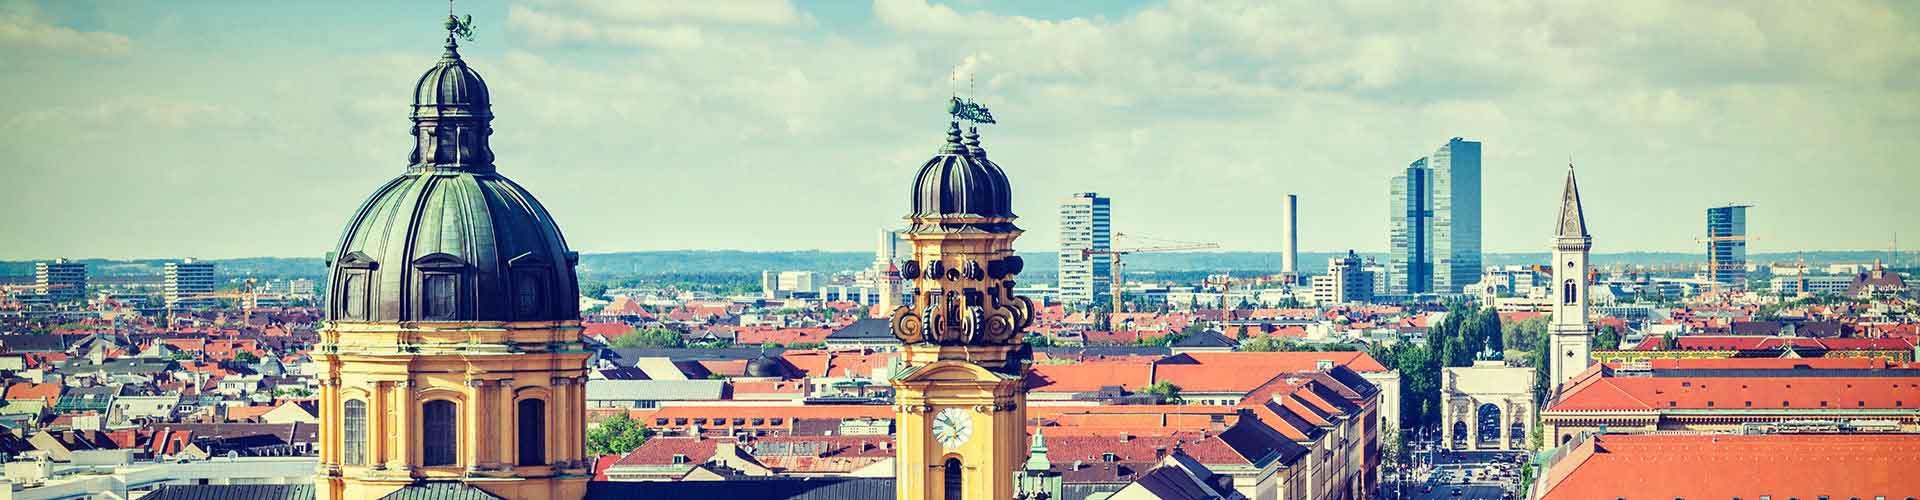 뮌헨 - 뮌헨에 있는 호스텔. 뮌헨의 지도, 뮌헨에 위치한 호스텔 사진 및 후기 정보.